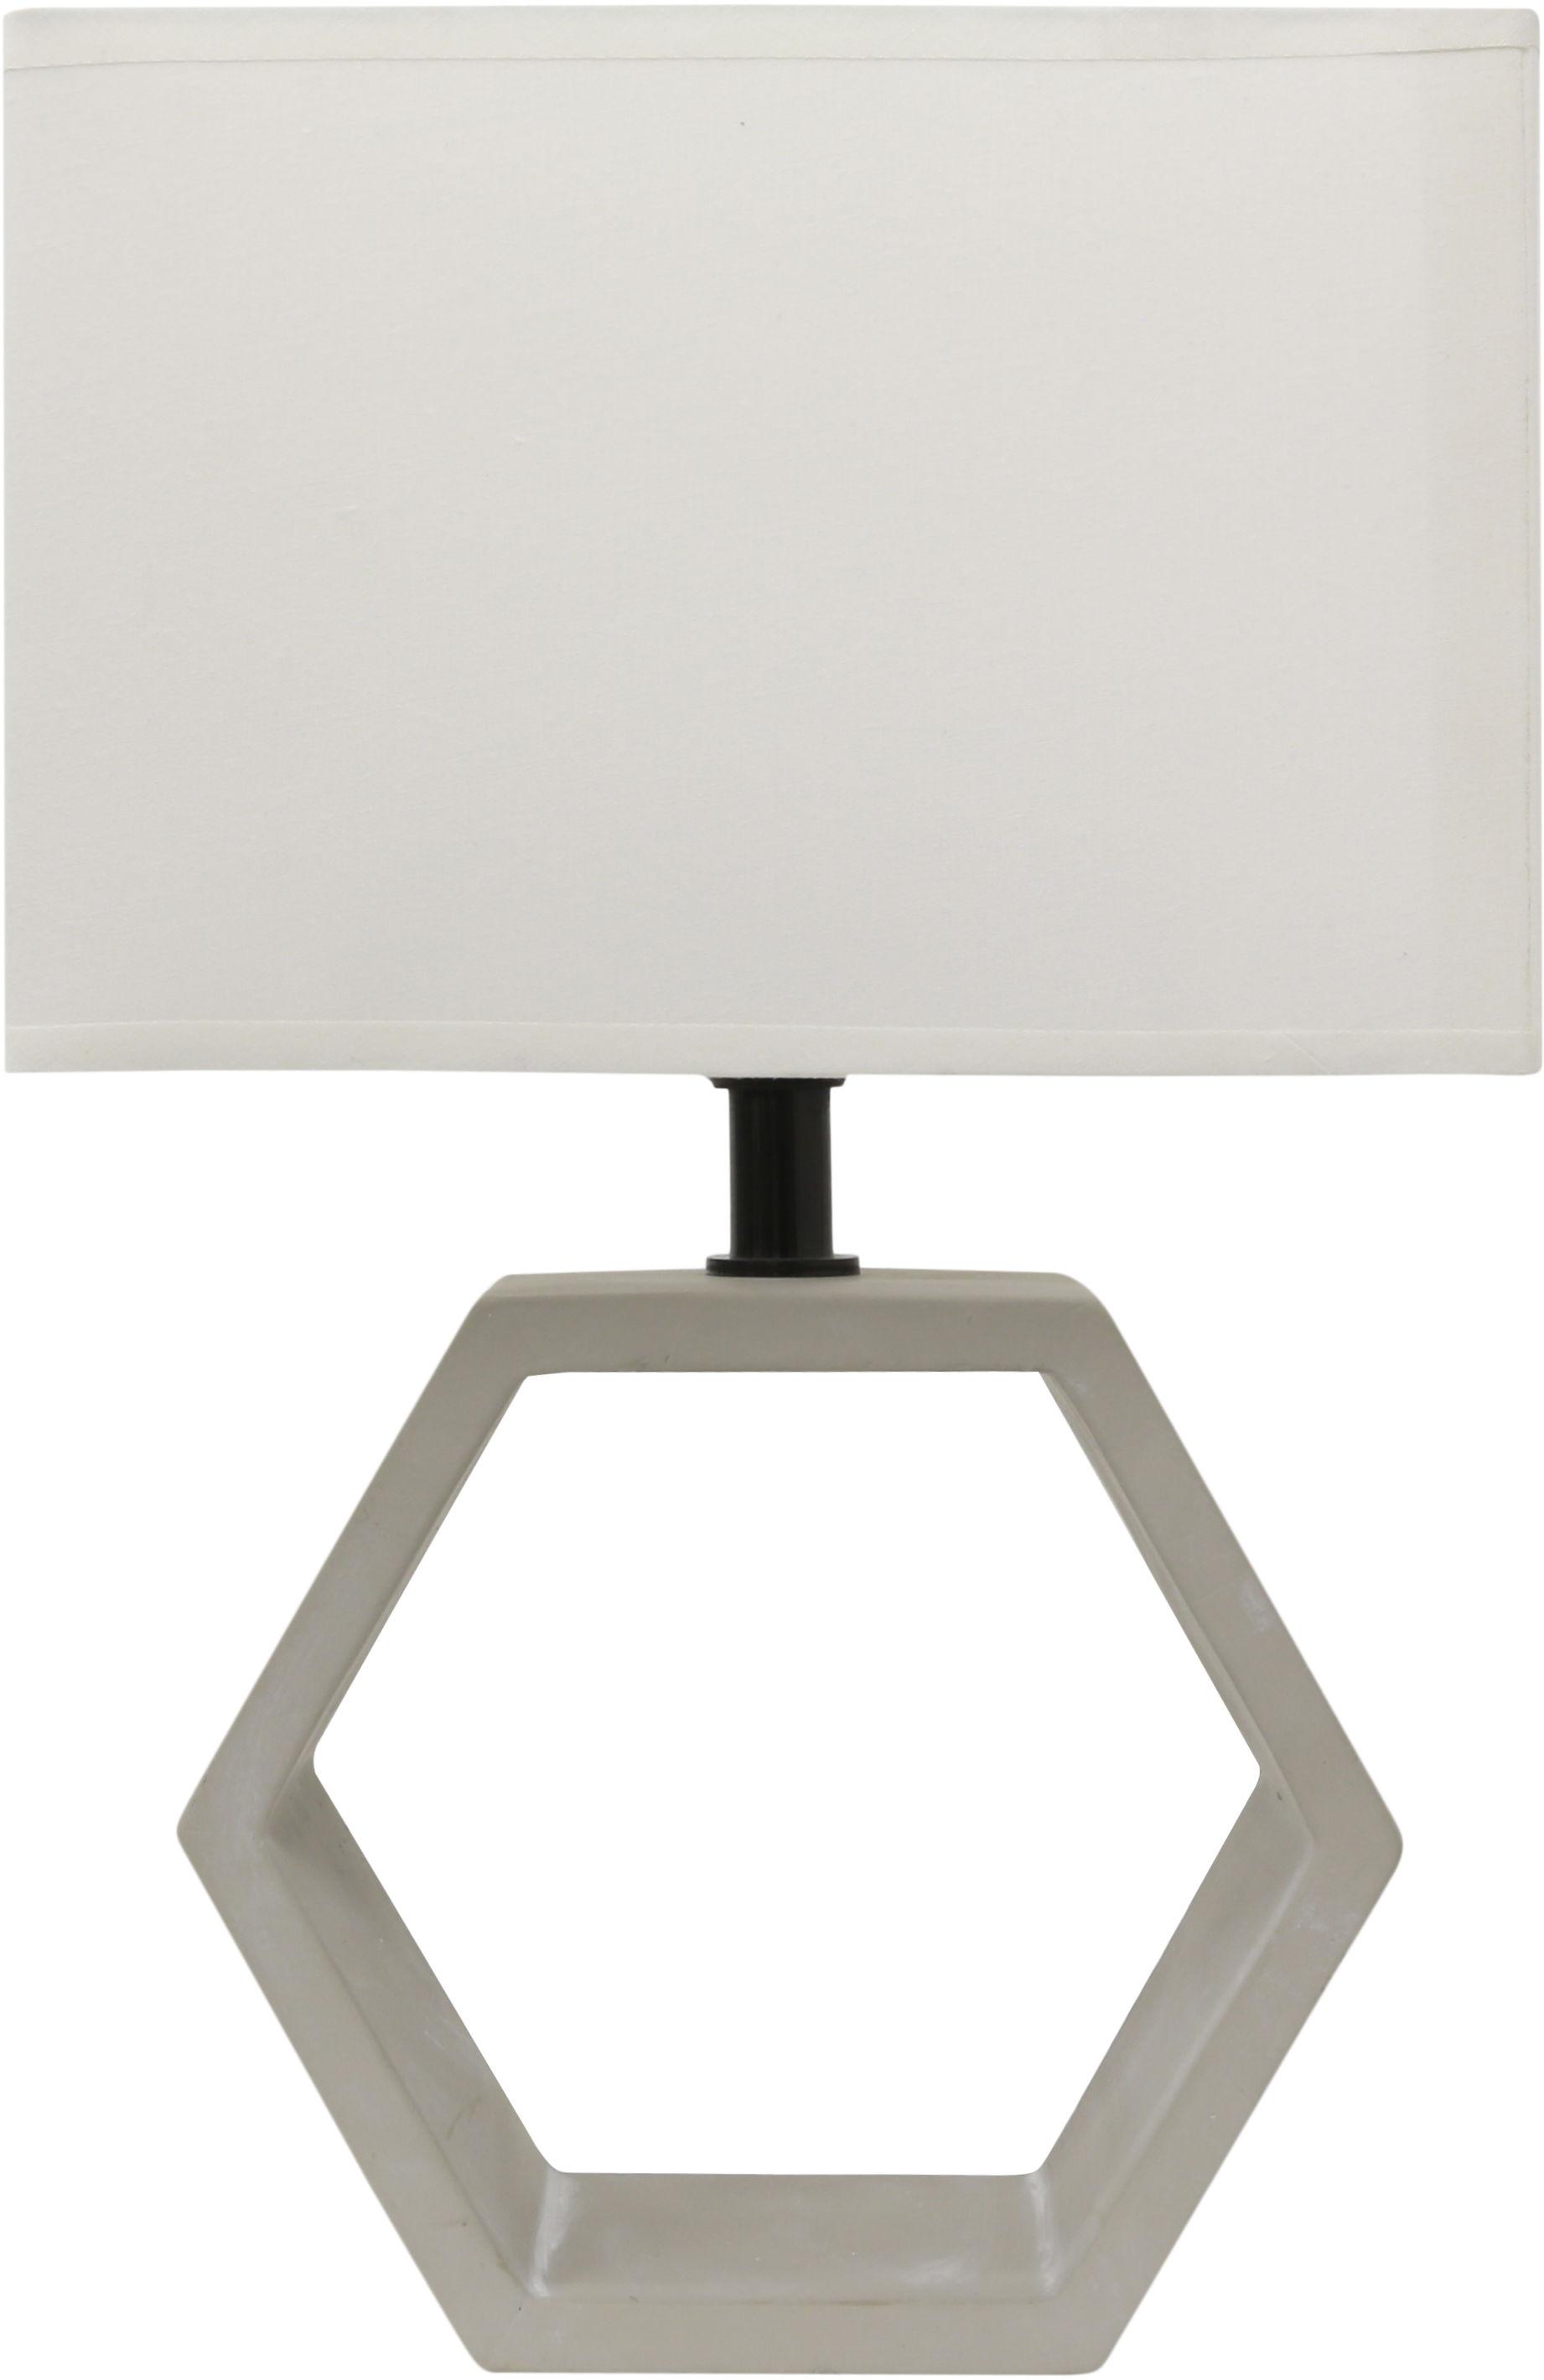 Candellux VIDAL 41-68545 lampa stołowa abażur beżowy 1X40W E27 masa gipsowa 35cm